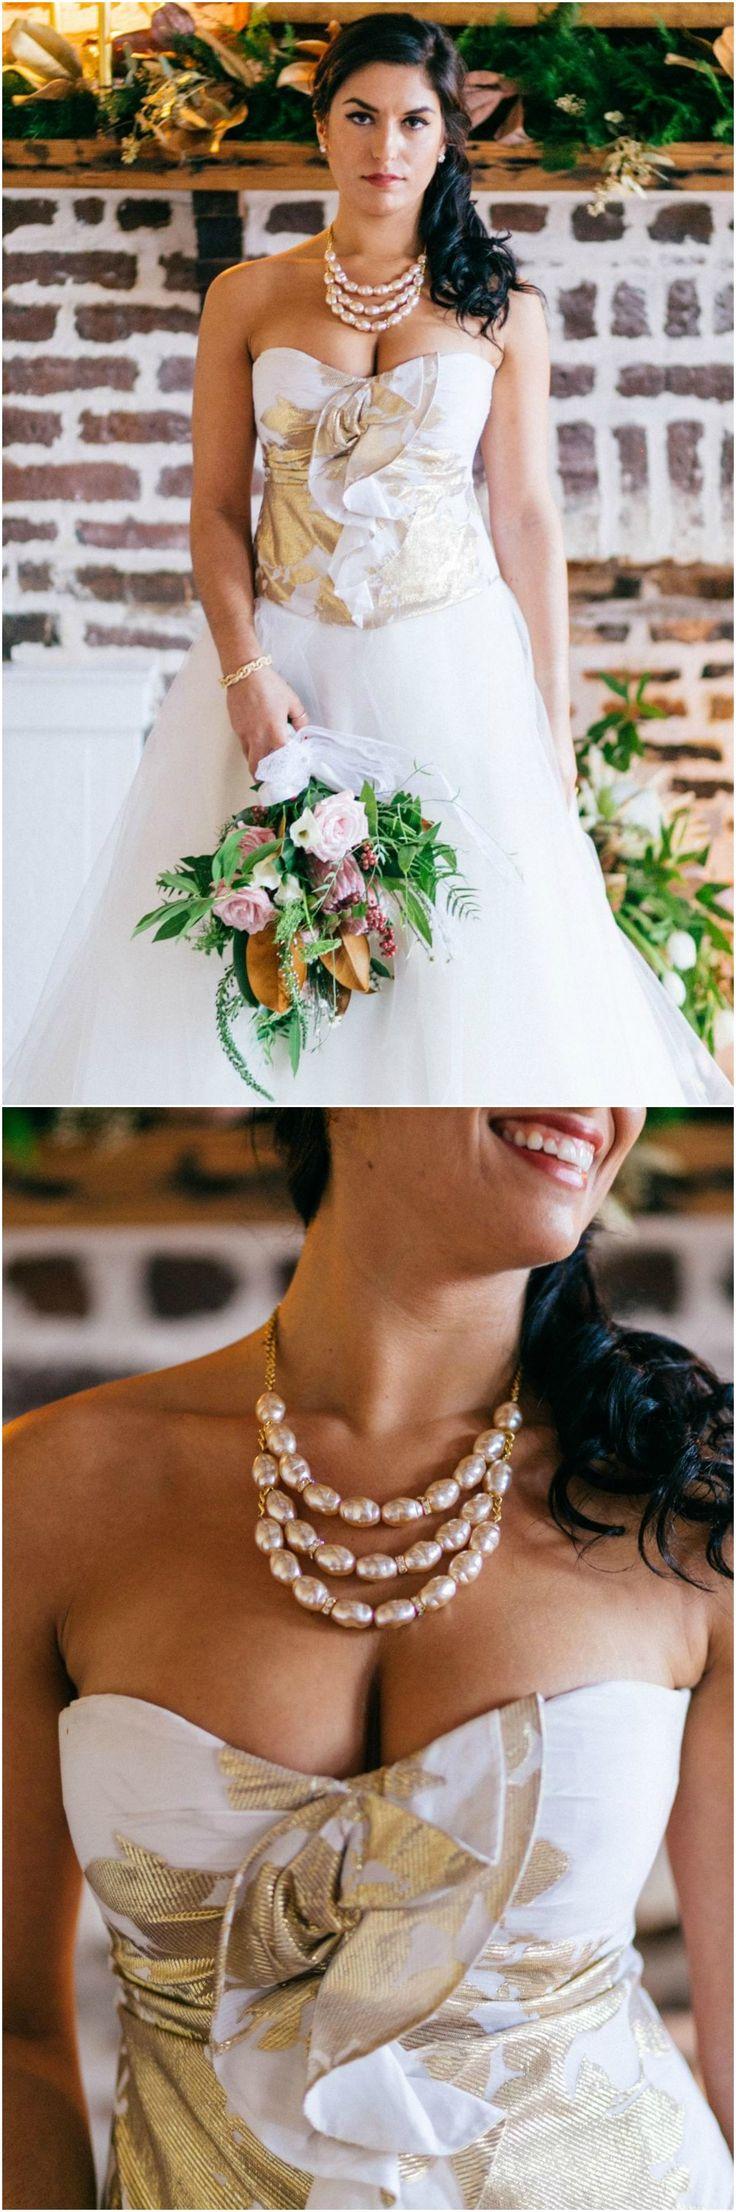 38+ Sweetheart neckline wedding dress jewelry info